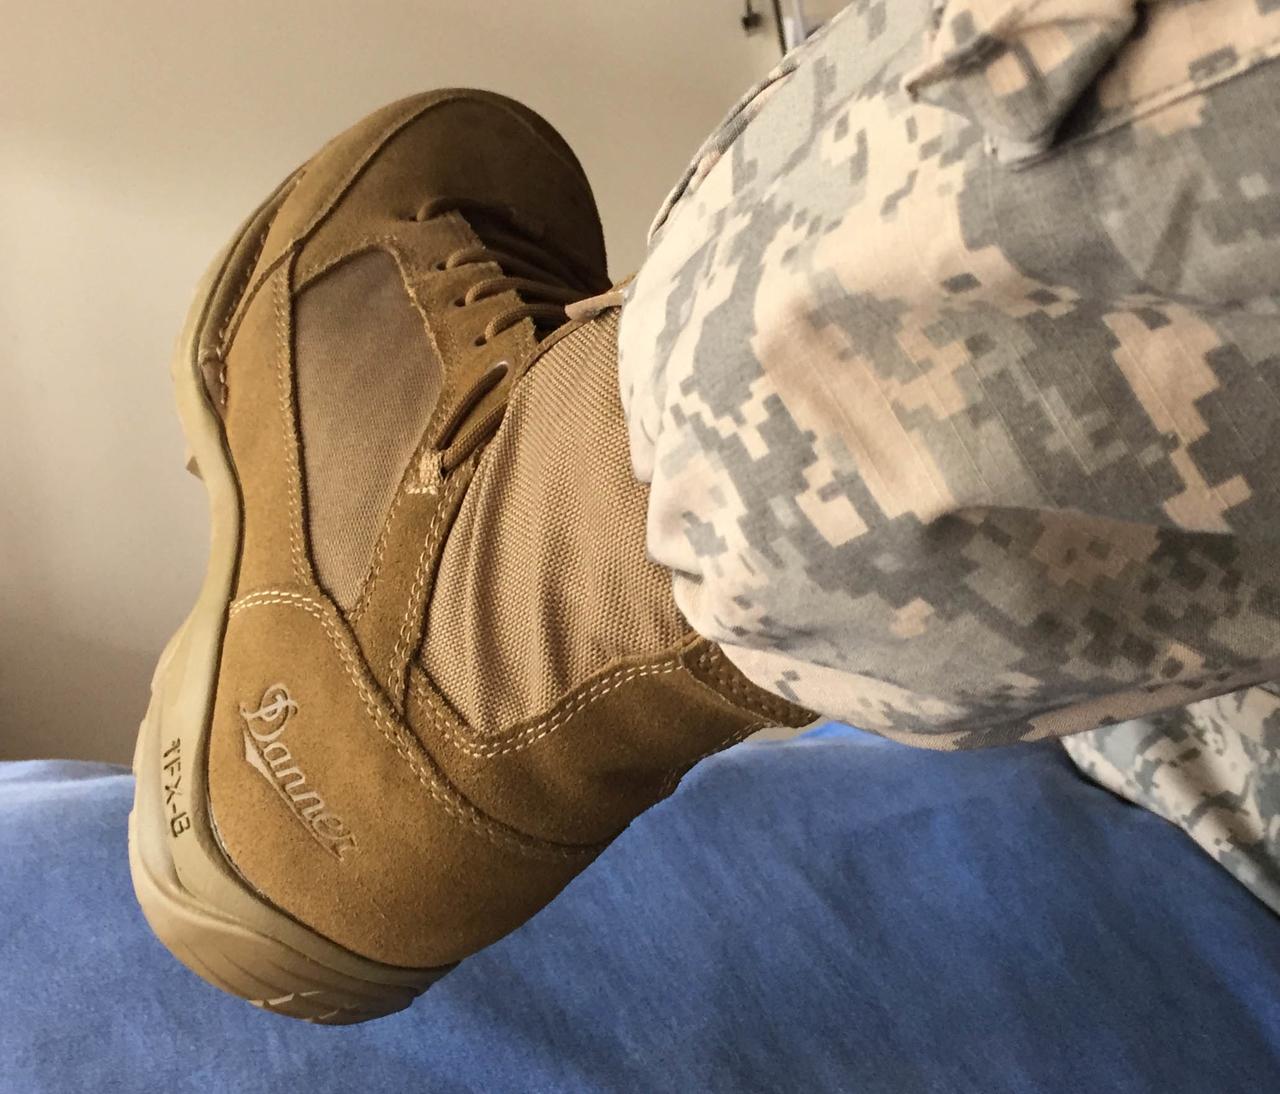 Danner Desert TFX G3 Boots